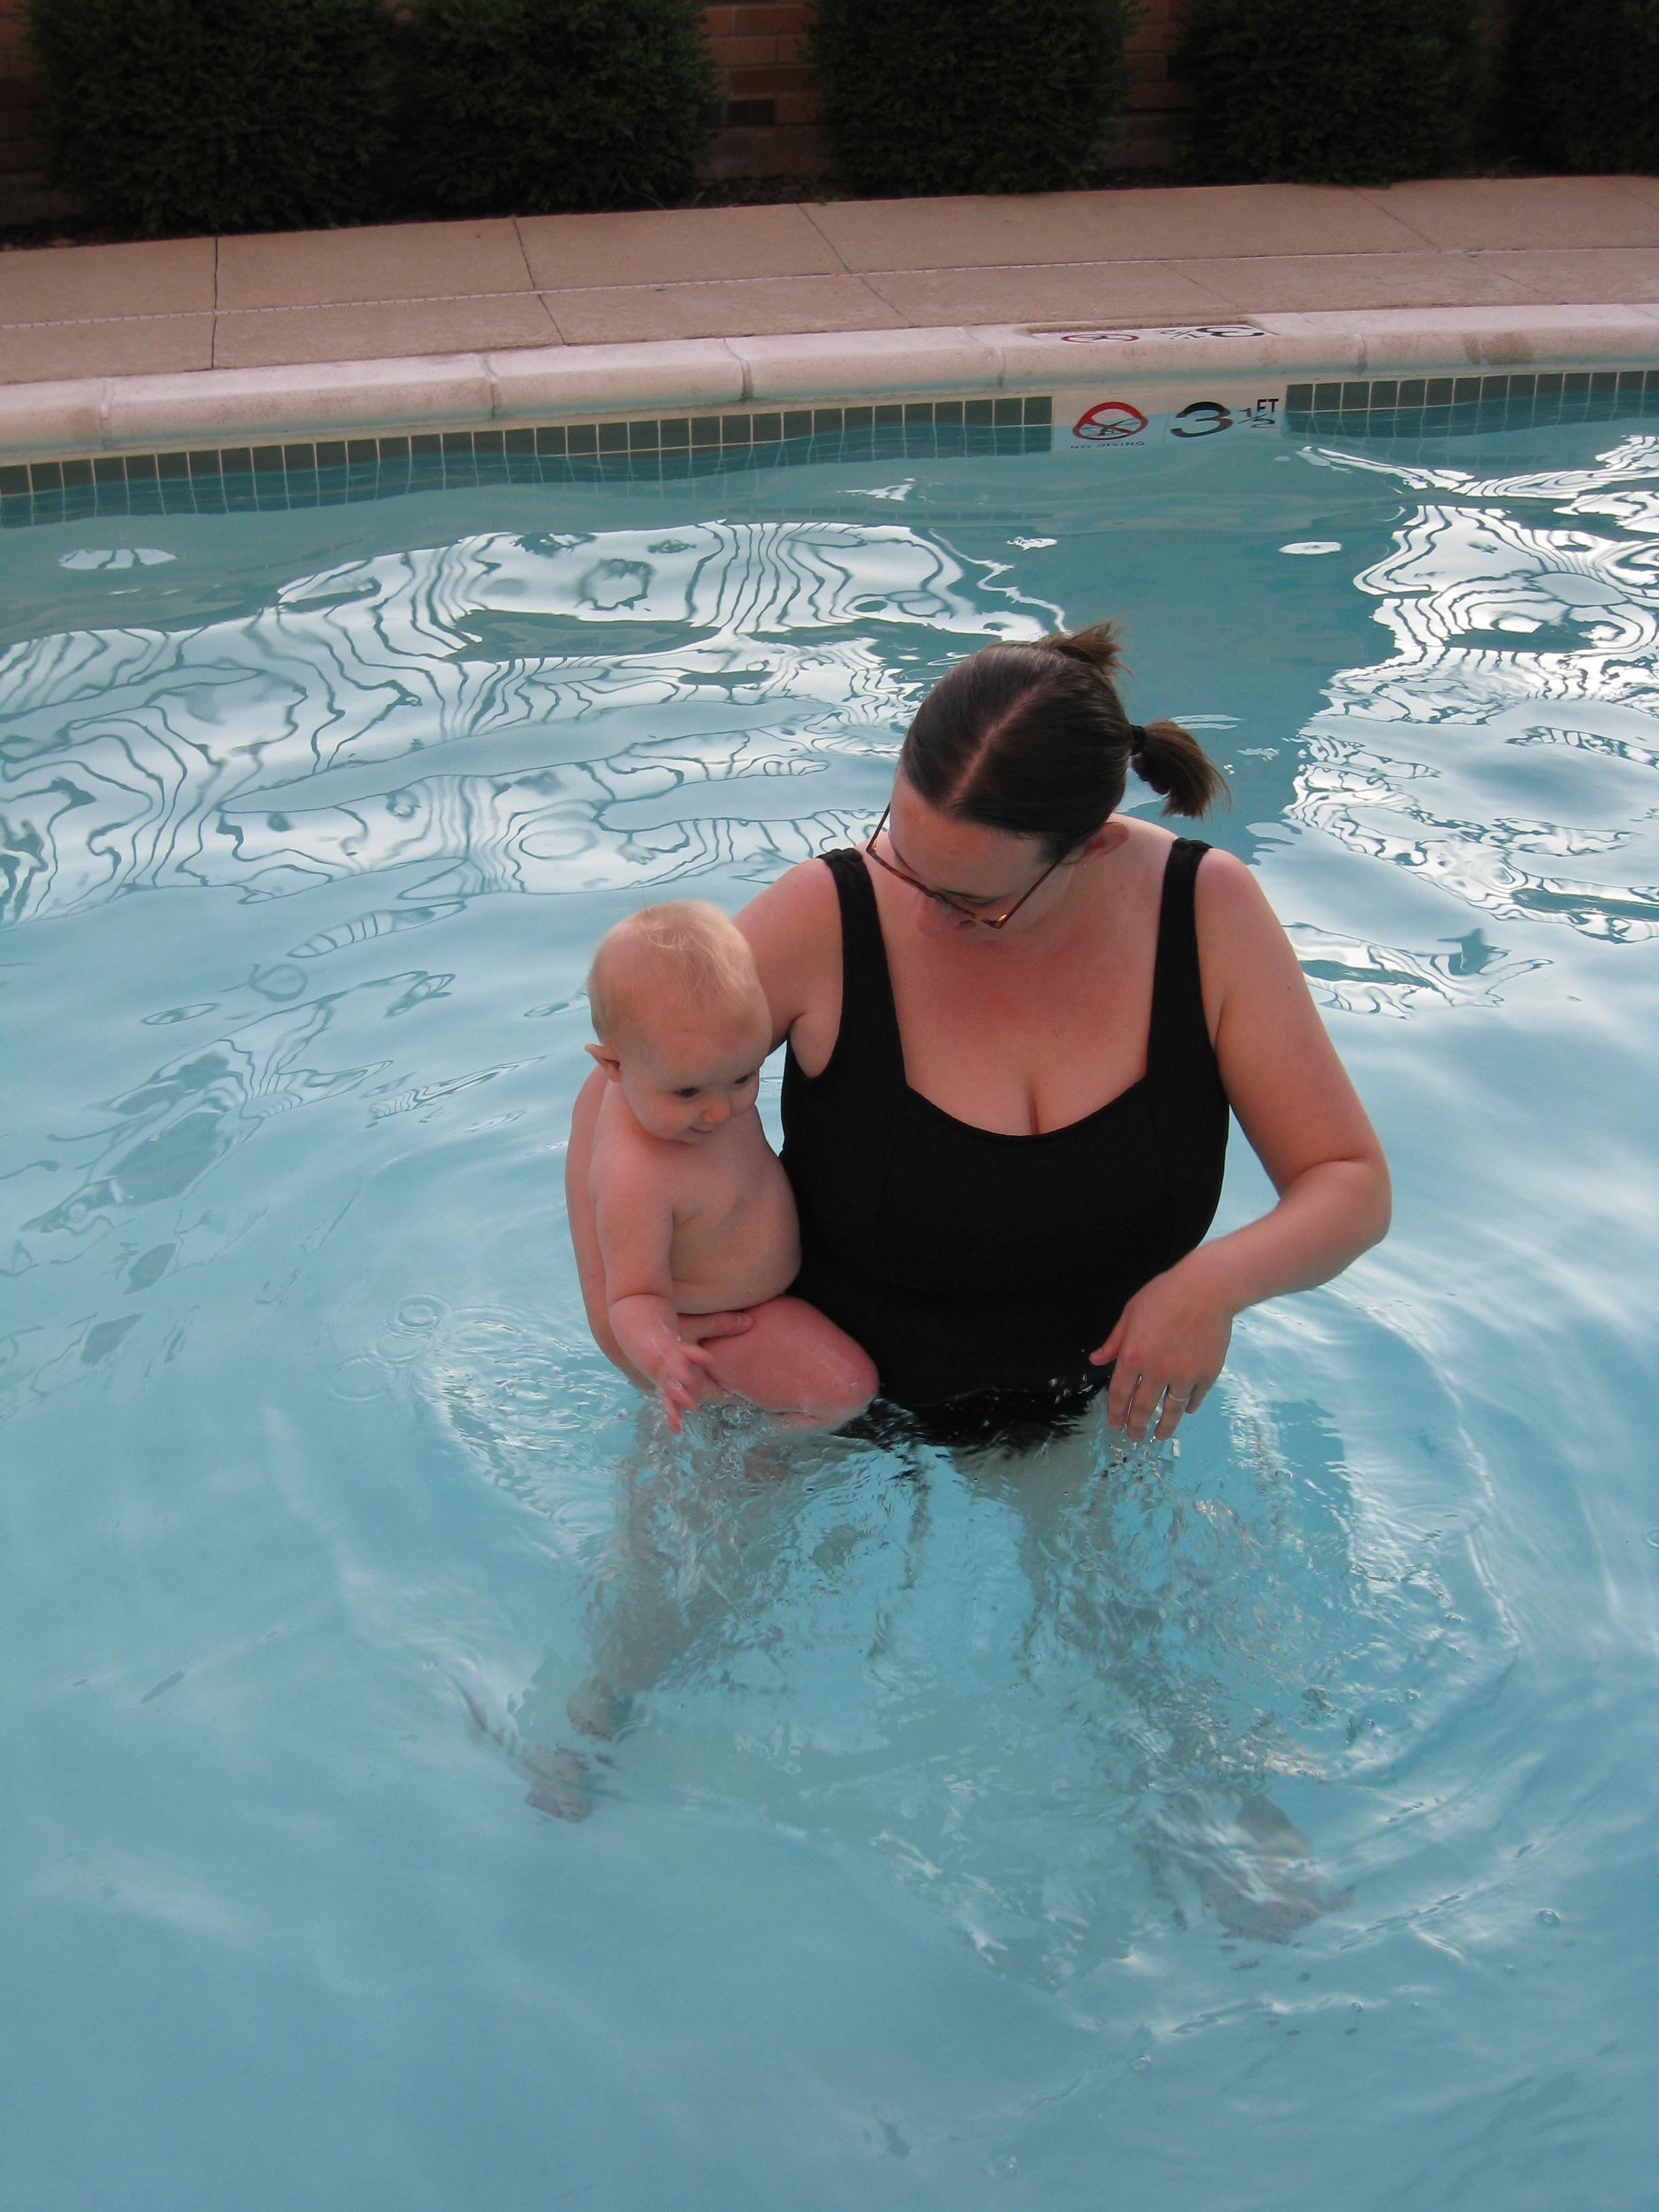 kivrin and mom swimming